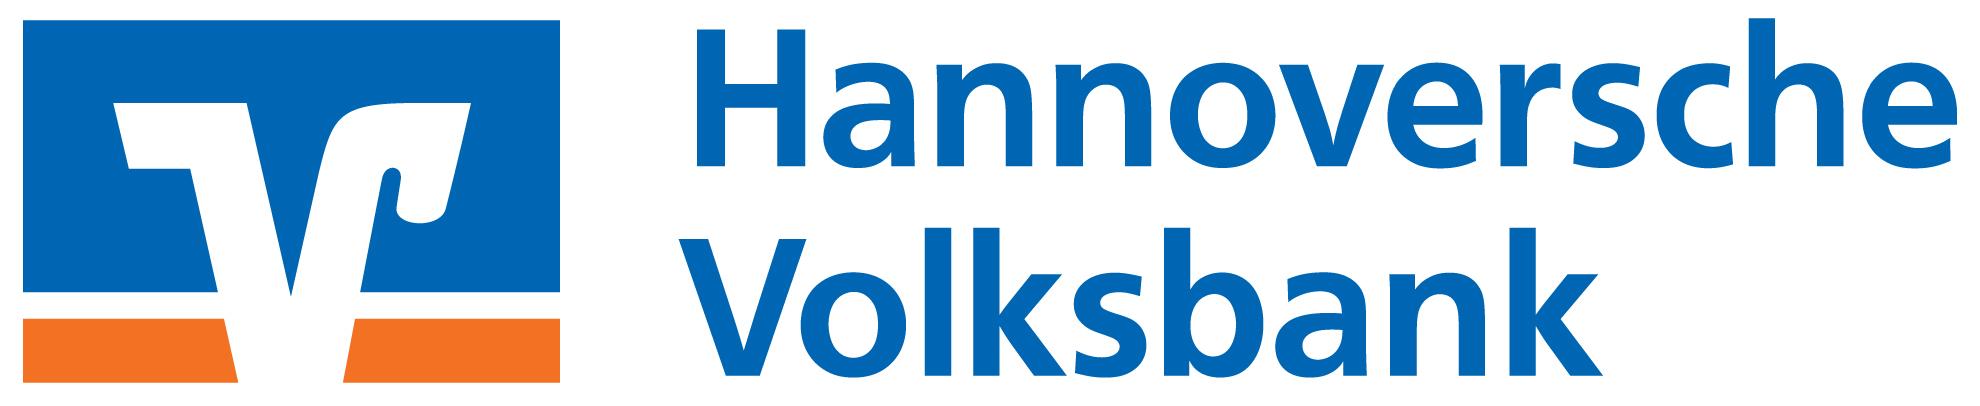 Hannoversche Volksbank eG SelbstbedienungsCenter Linden